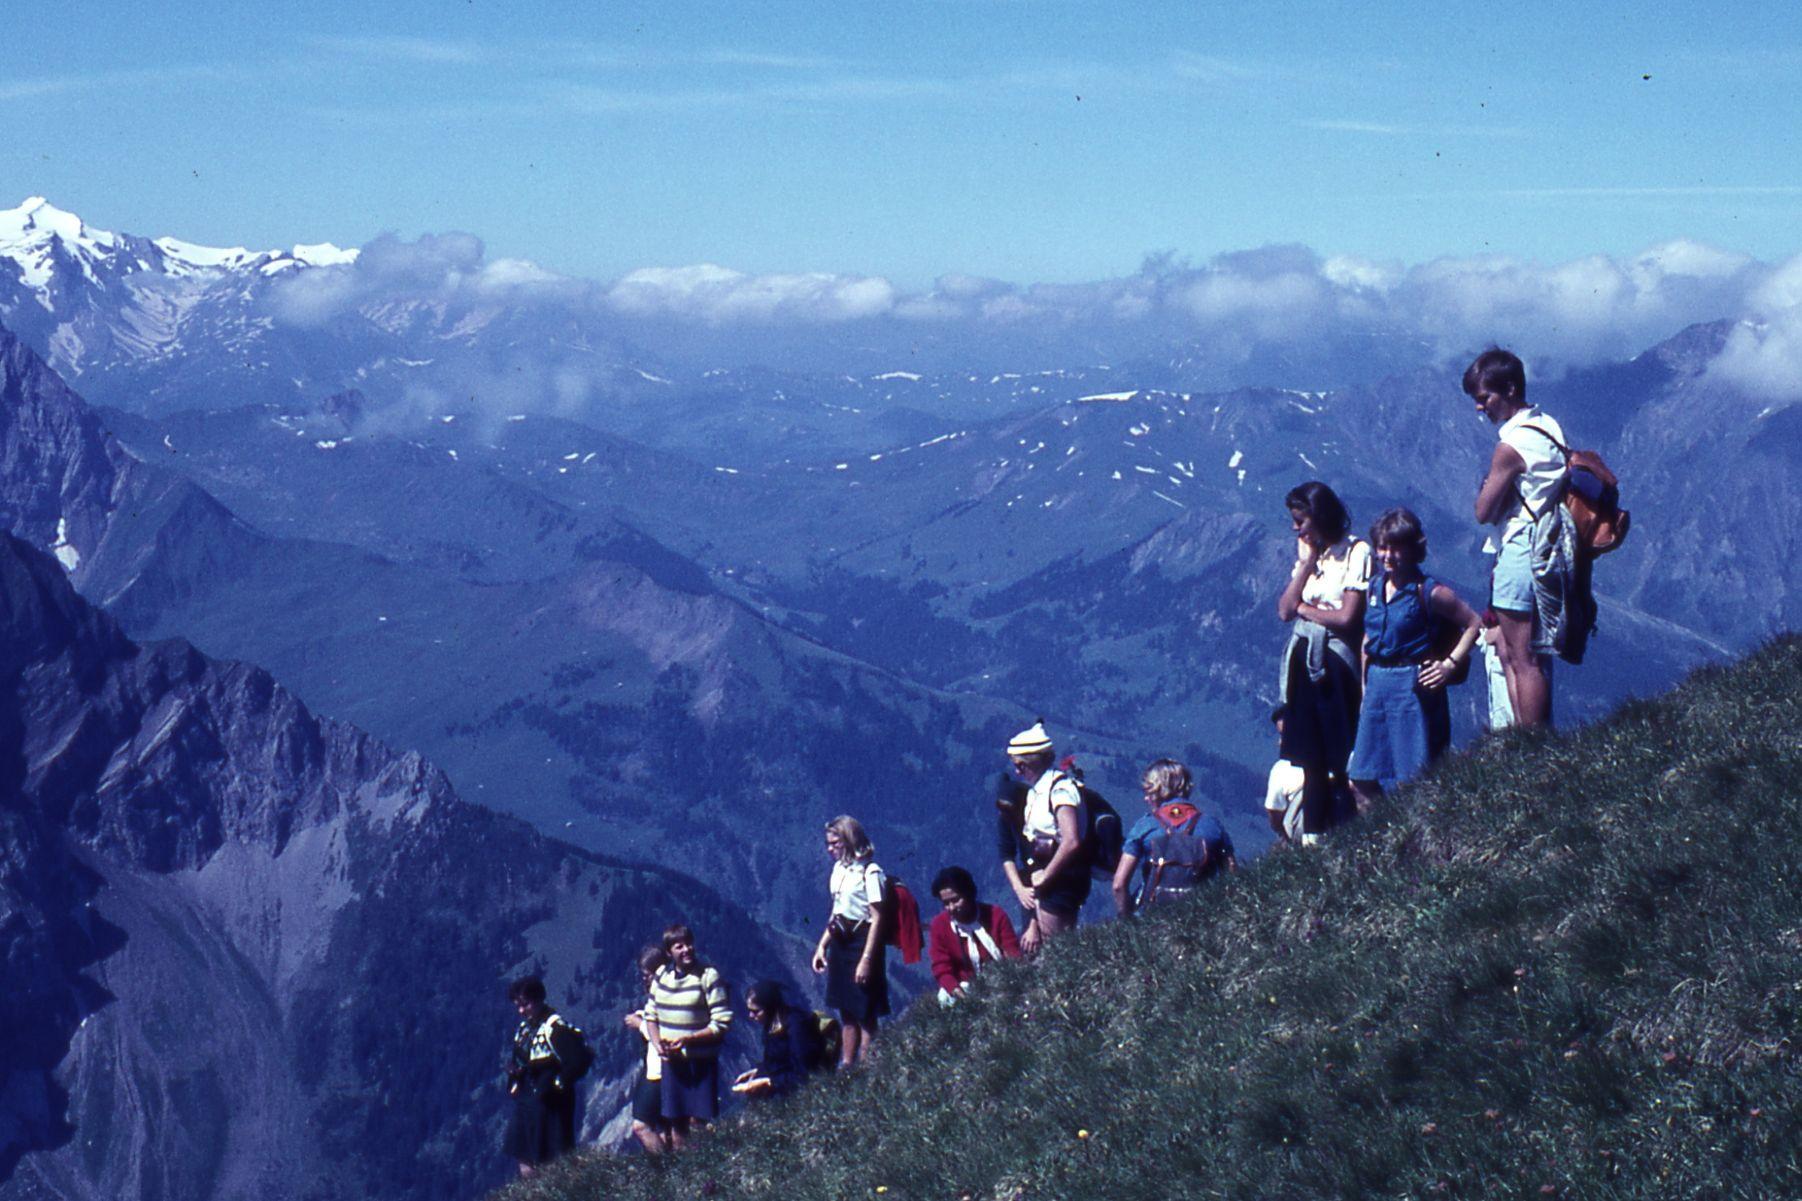 Teini-iässä Sveitsissä partioseminaarissa.